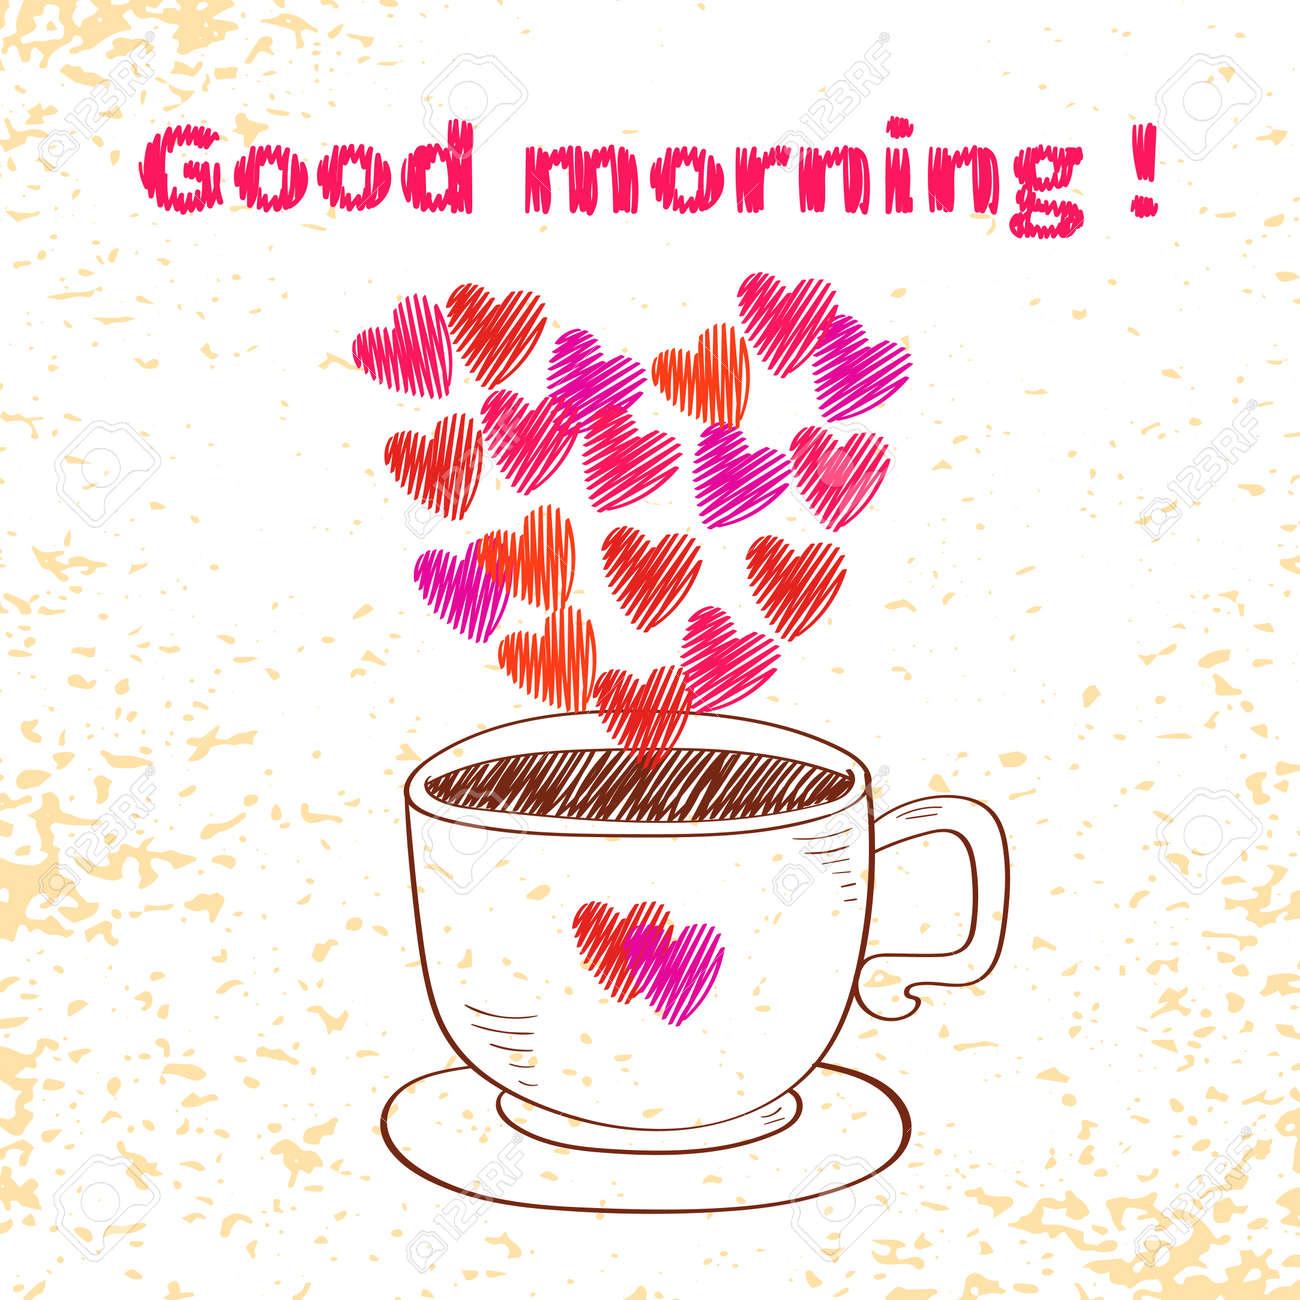 Guten Morgen Herzen Bilder Süße Romantische Guten Morgen